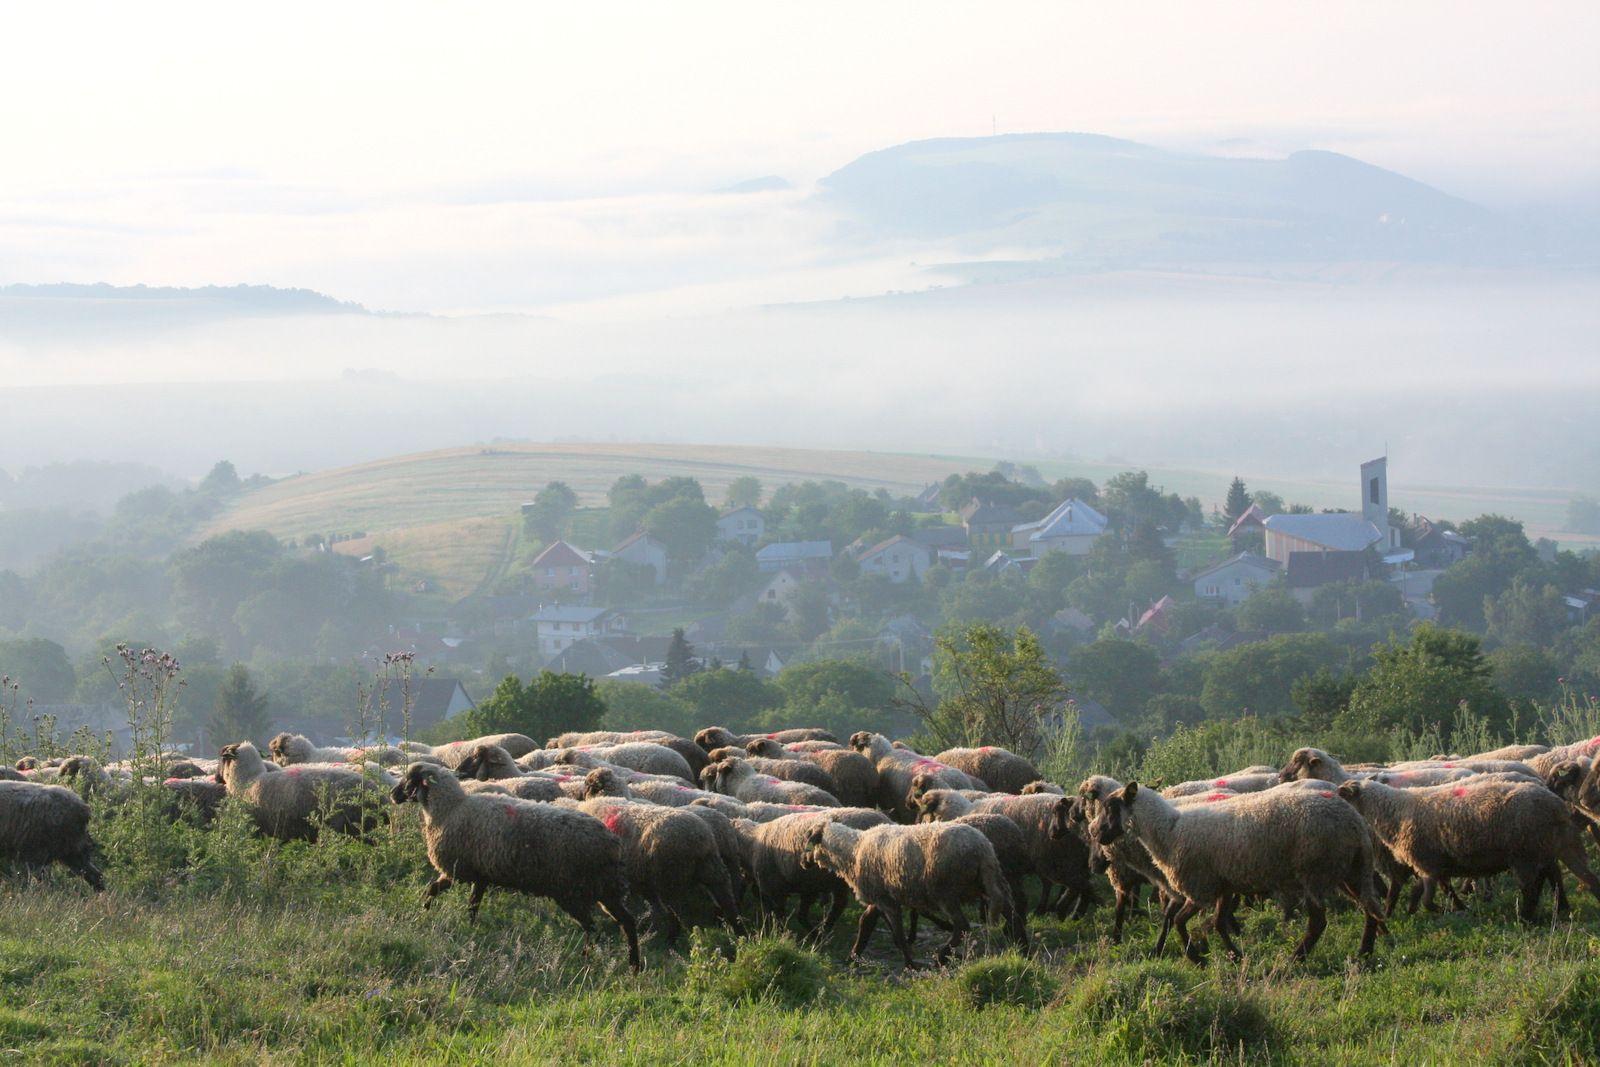 6:30. Stádo oviec plemena Cigaja a kôz sa vyháňa na pašu. V pozadí obec Proč a Slánske vrchy zahalené rannou hmlou.